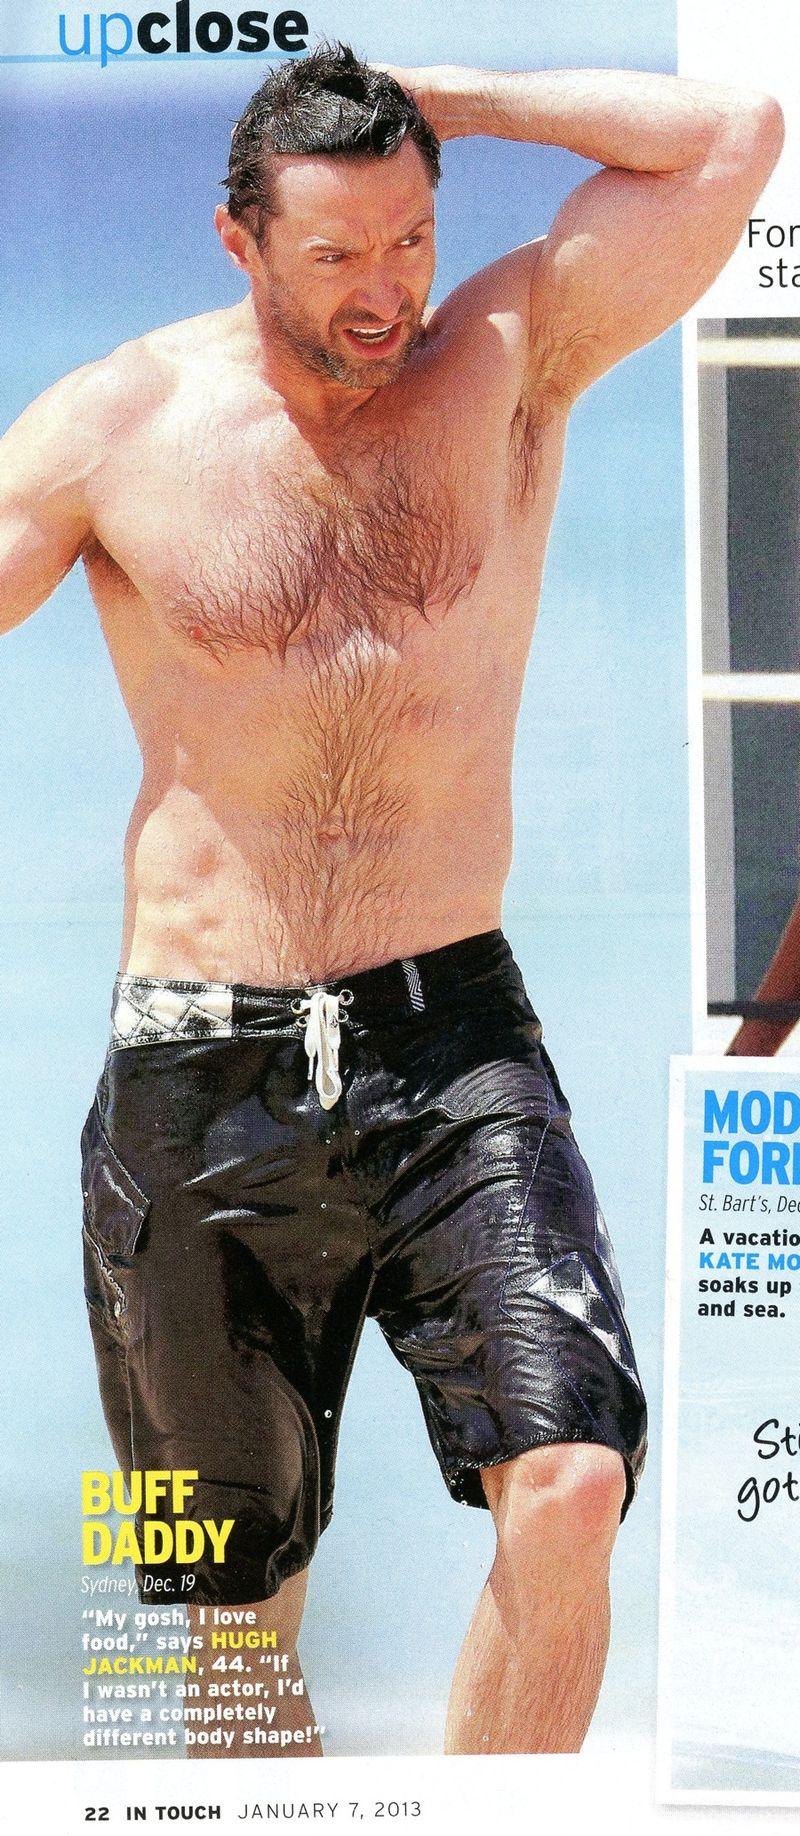 Hugh-Jackman-armpit-pubes